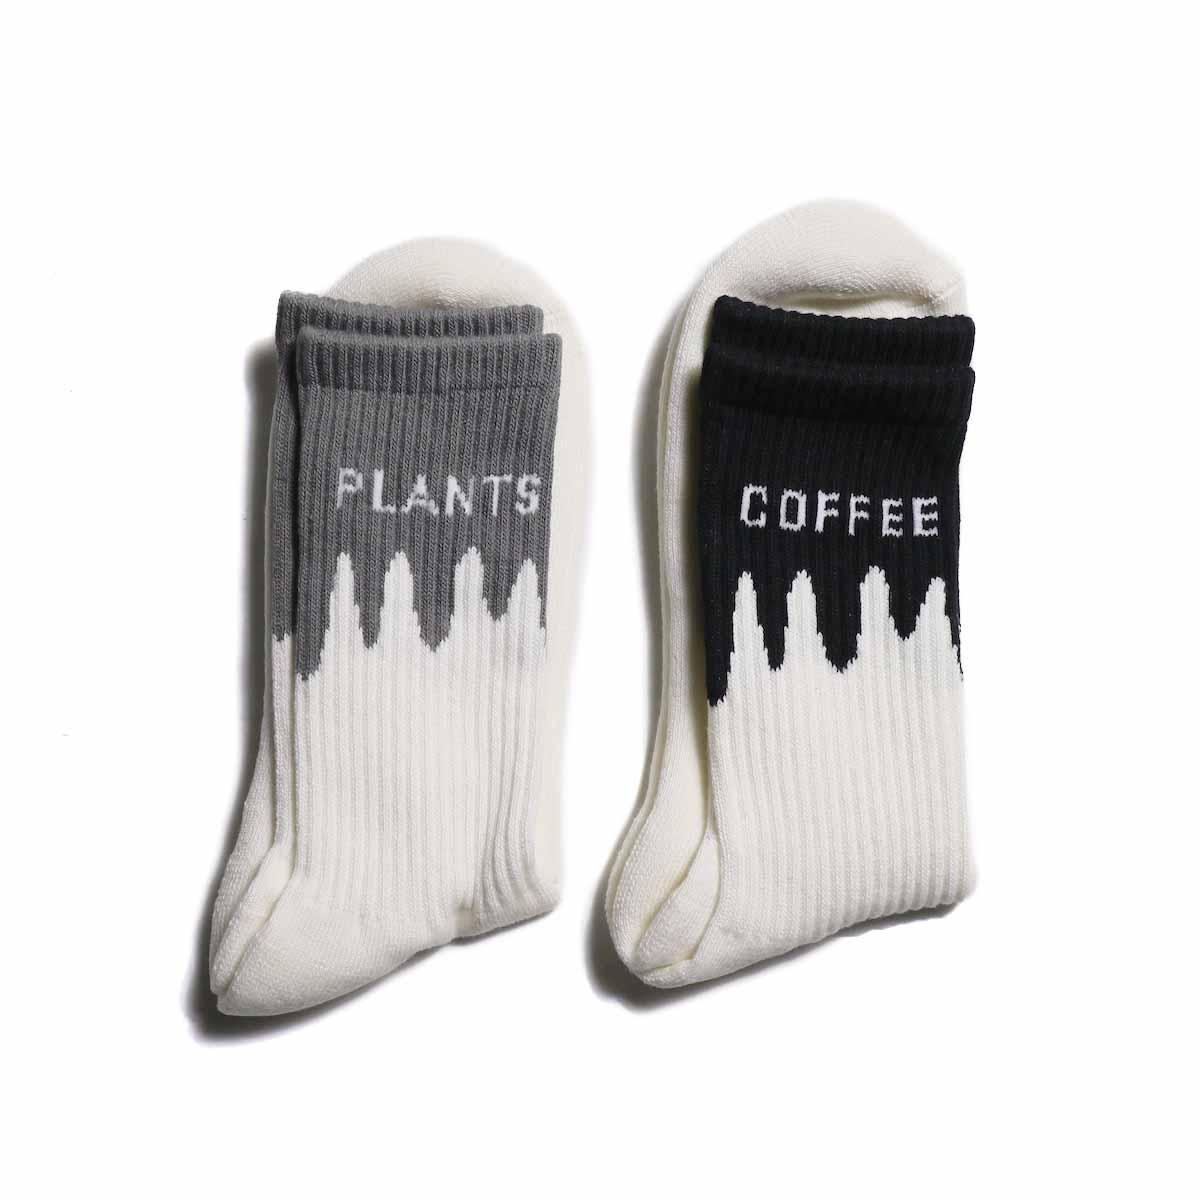 BOTANIZE / LOVERS Socks - pt.2 -